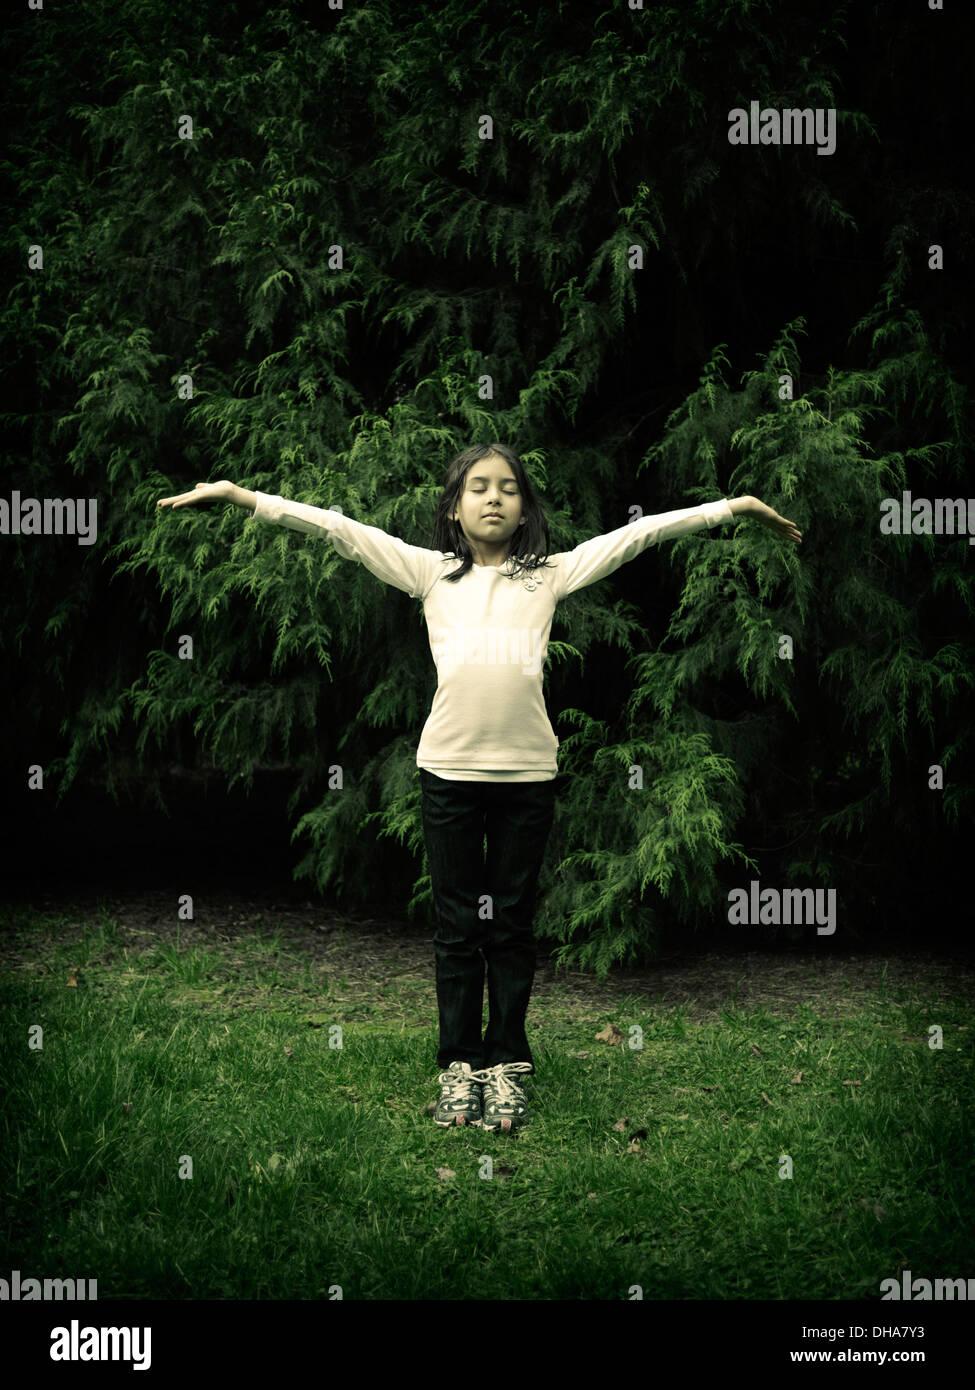 Jeune fille, les bras, les yeux fermés, les Conifères Photo Stock